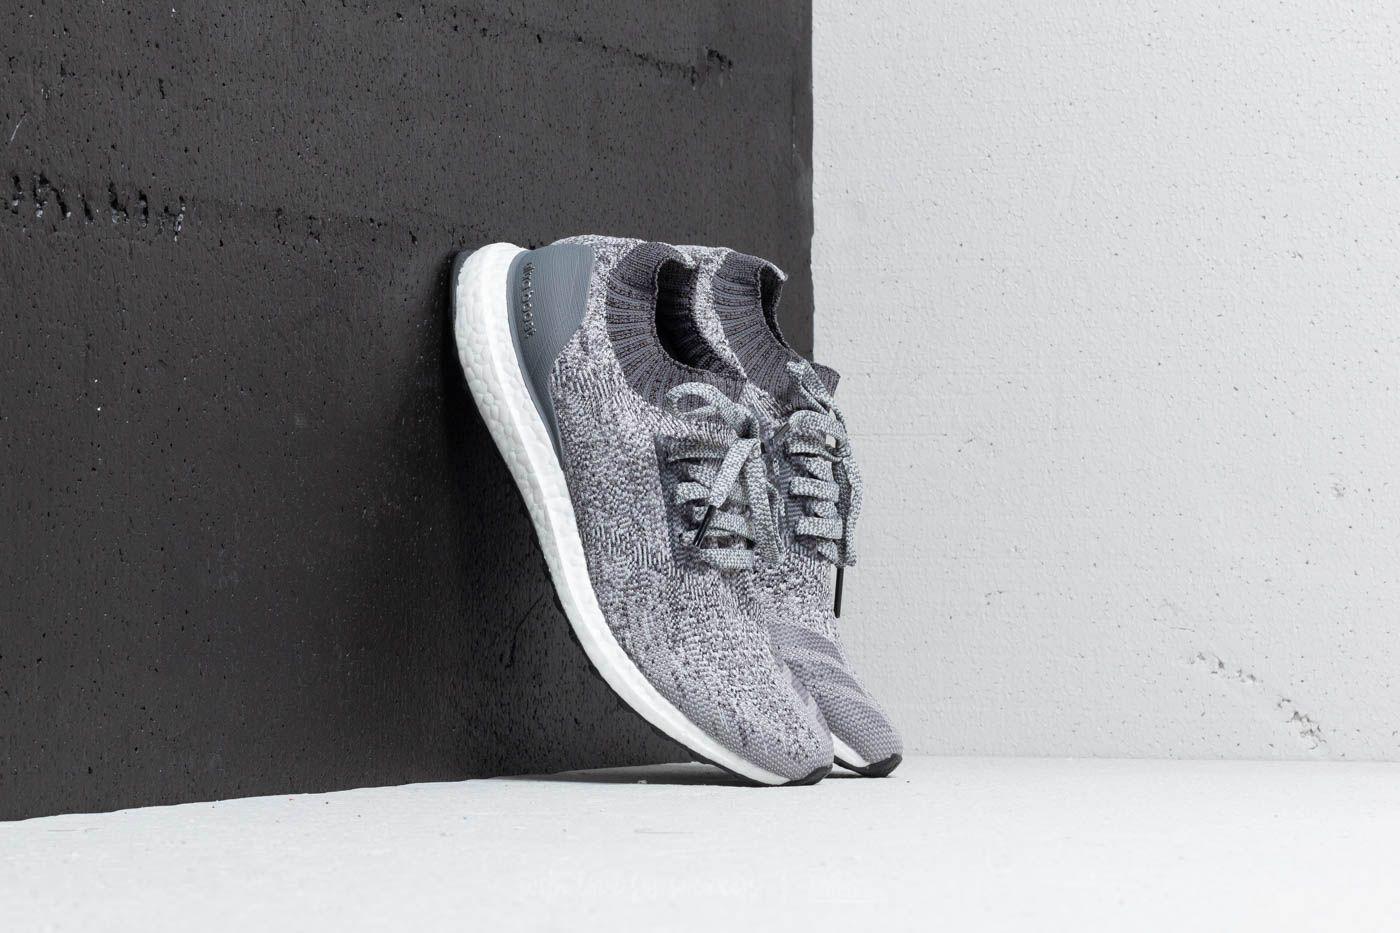 6710c2fa6 adidas UltraBoost Uncaged Grey Two  Grey Two  Grey Four